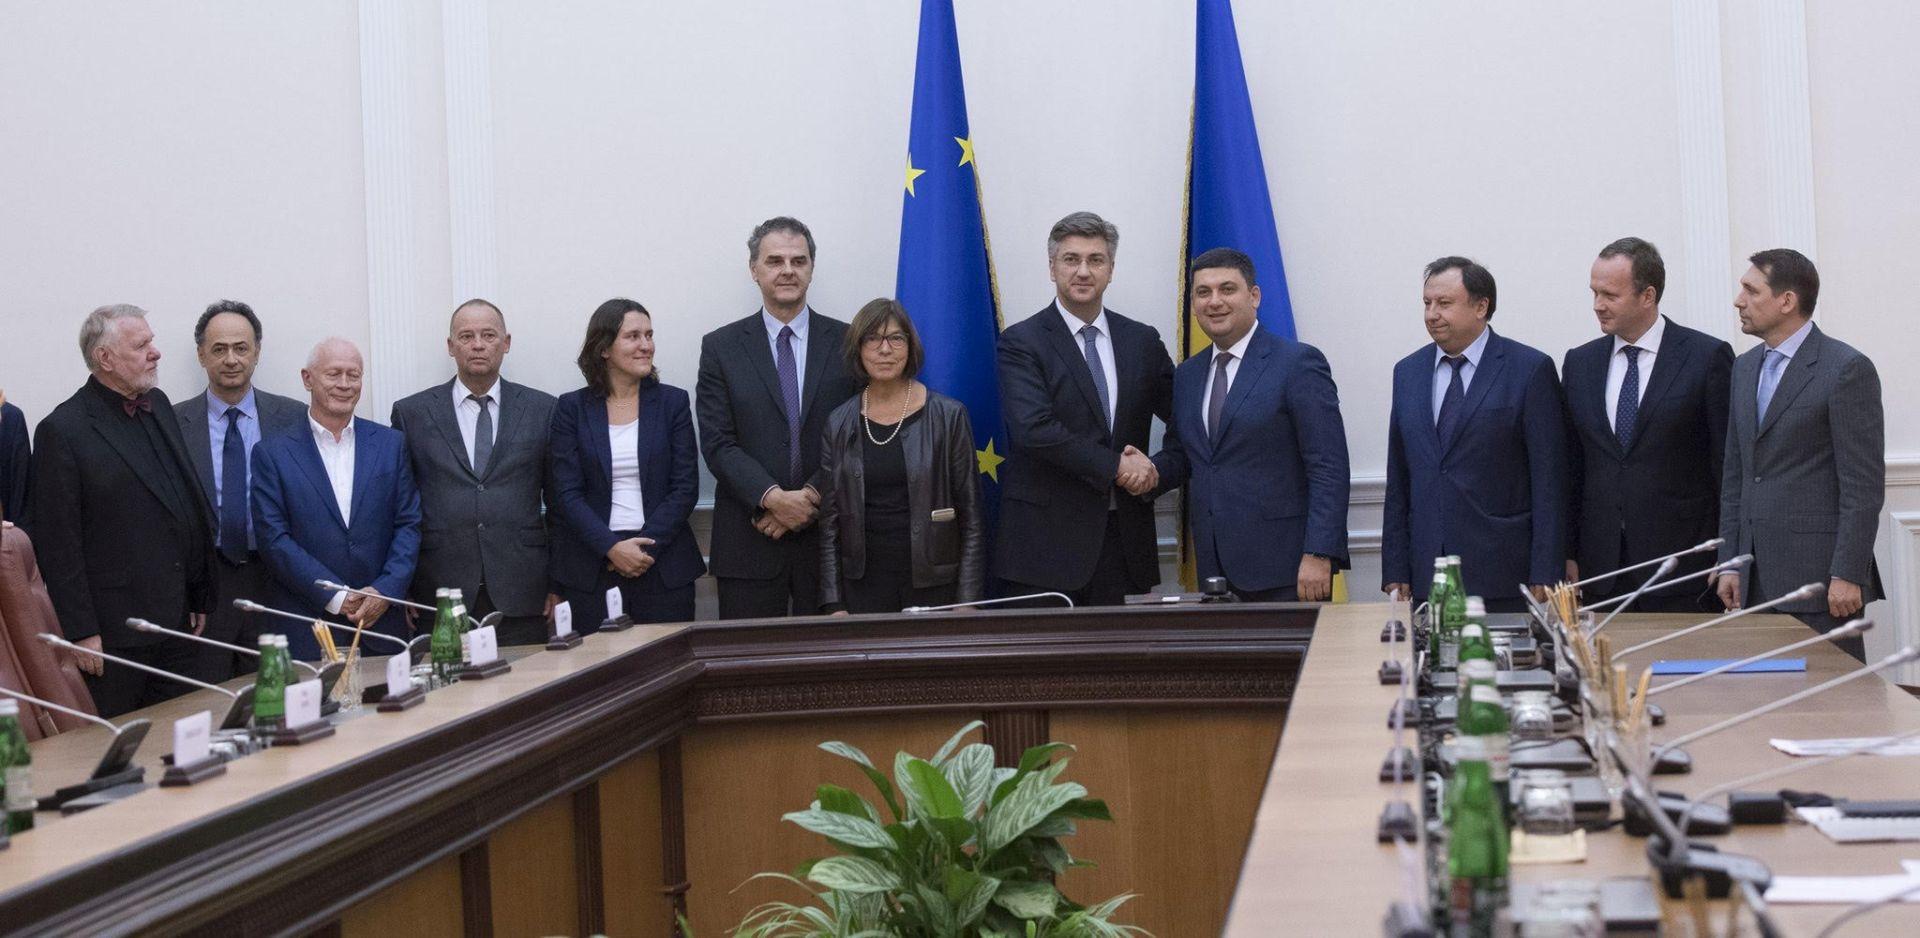 GOSPODARSKA SURADNJA: Premijer Plenković u posjetu Ukrajini